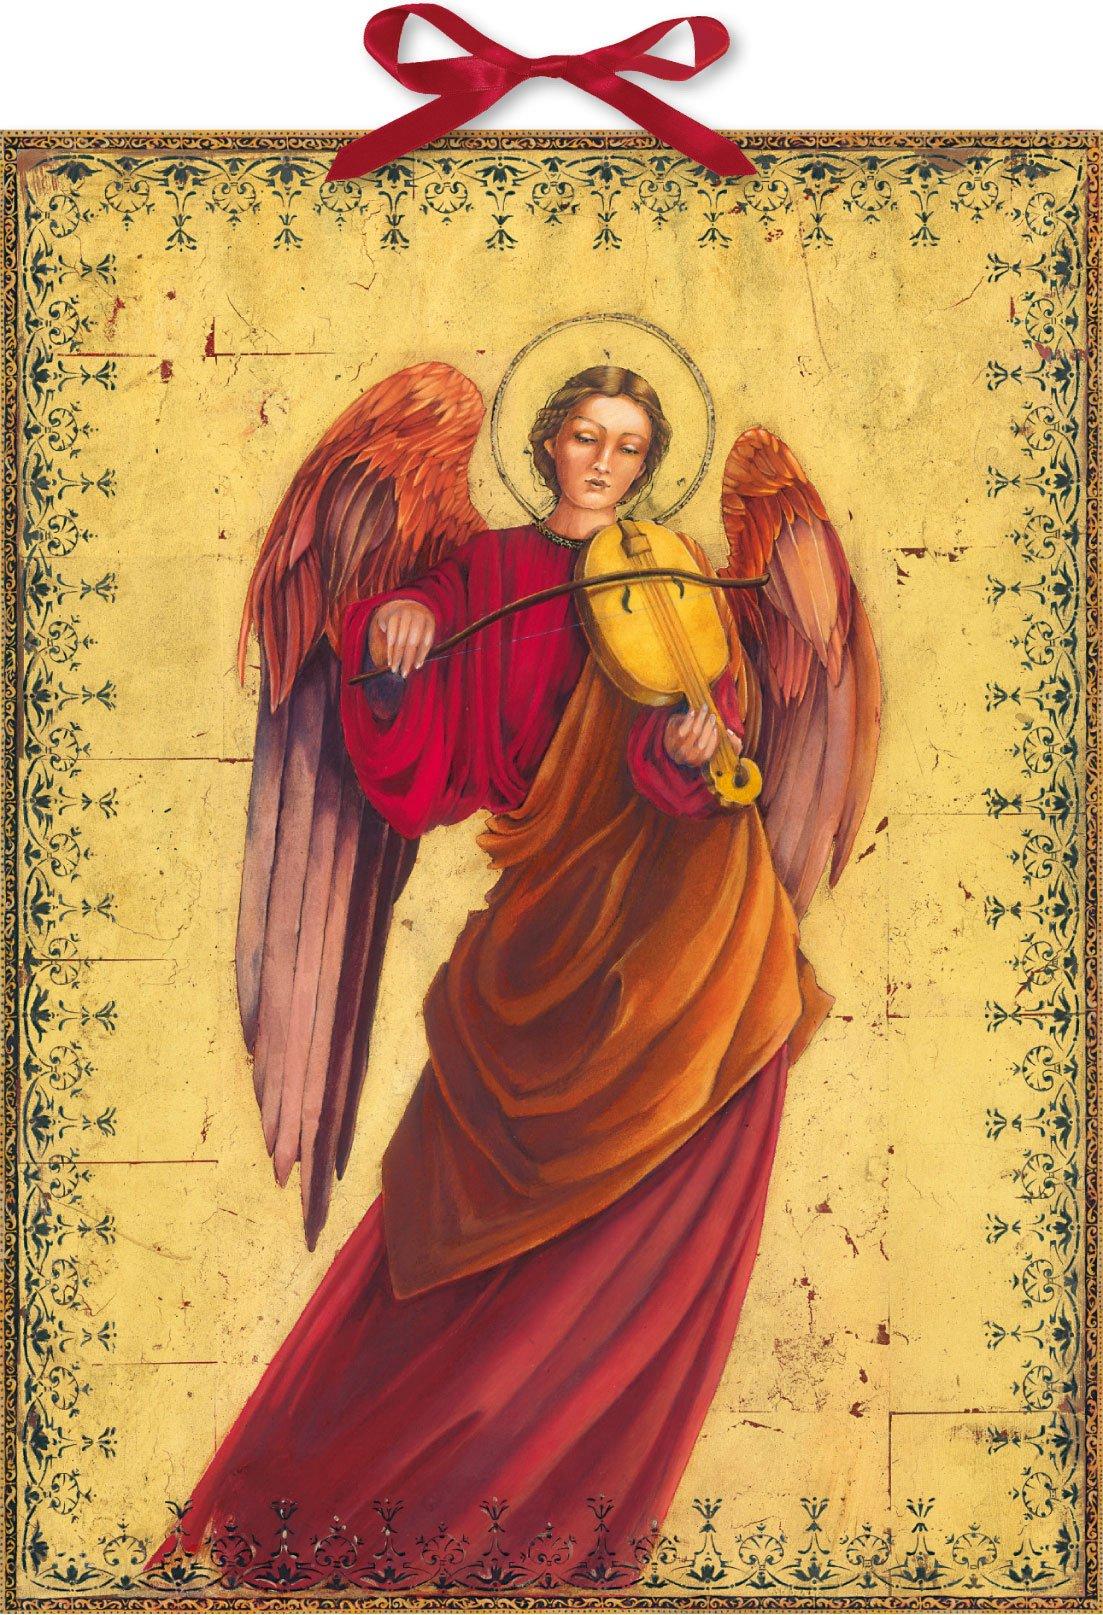 Engel in Rot